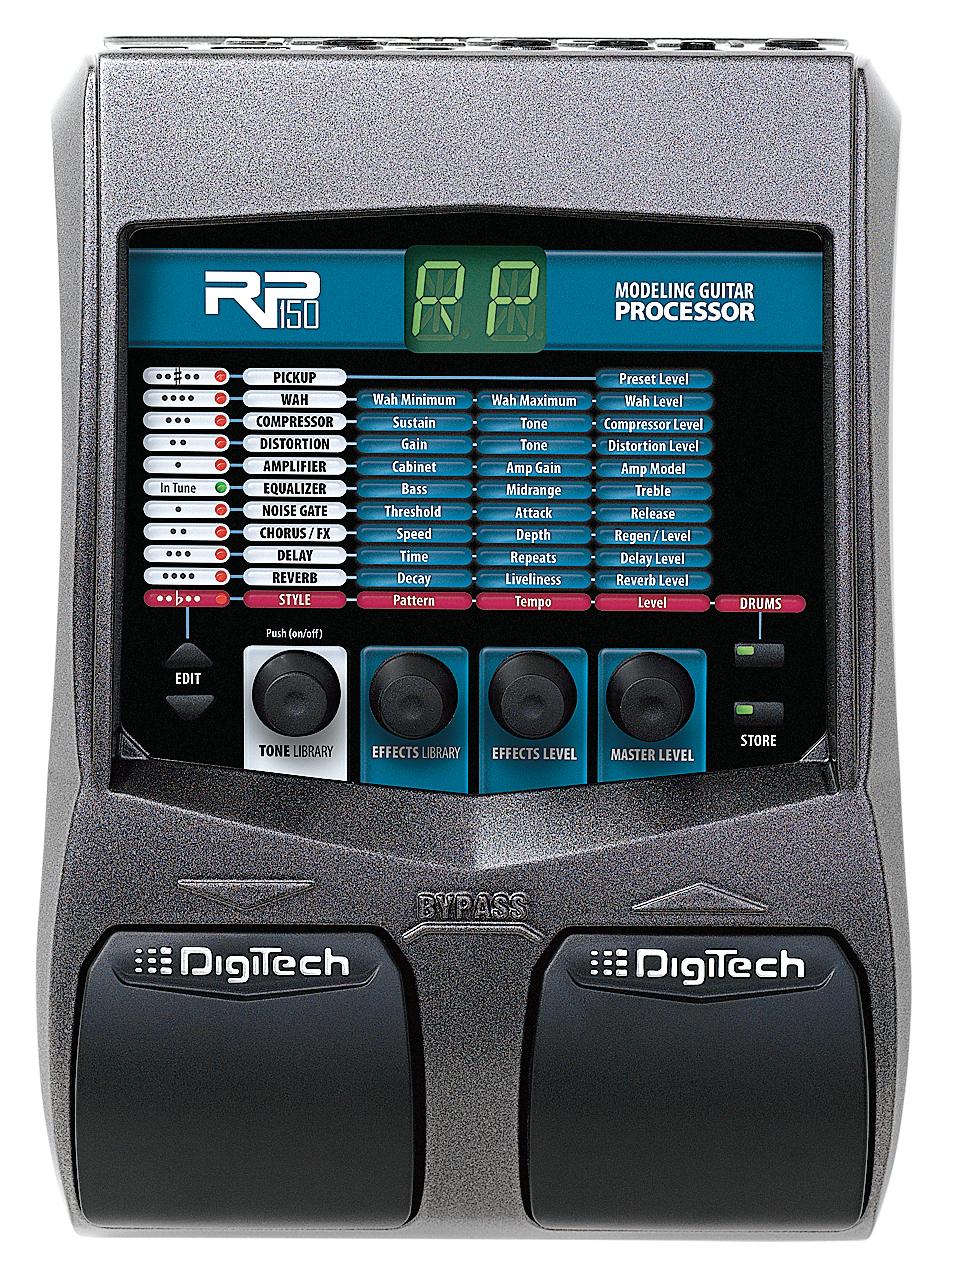 RP150  DigiTech Guitar Effects